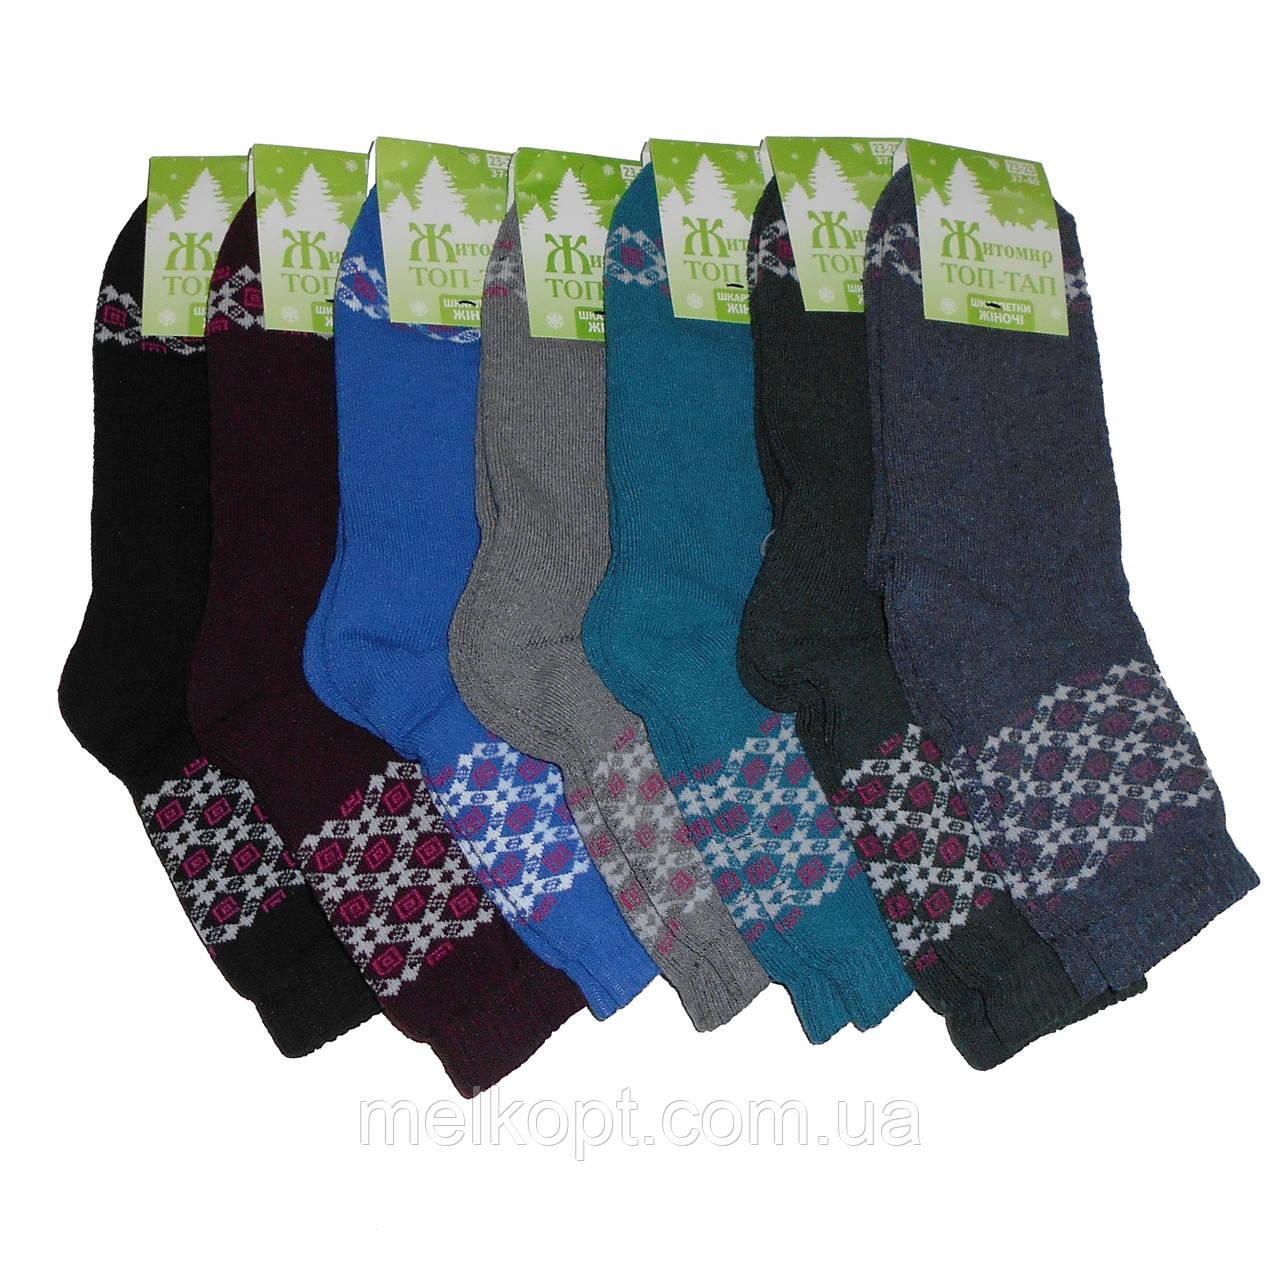 Женские махровые носки Топ-Тап - 13,25 грн./пара (ромбики)